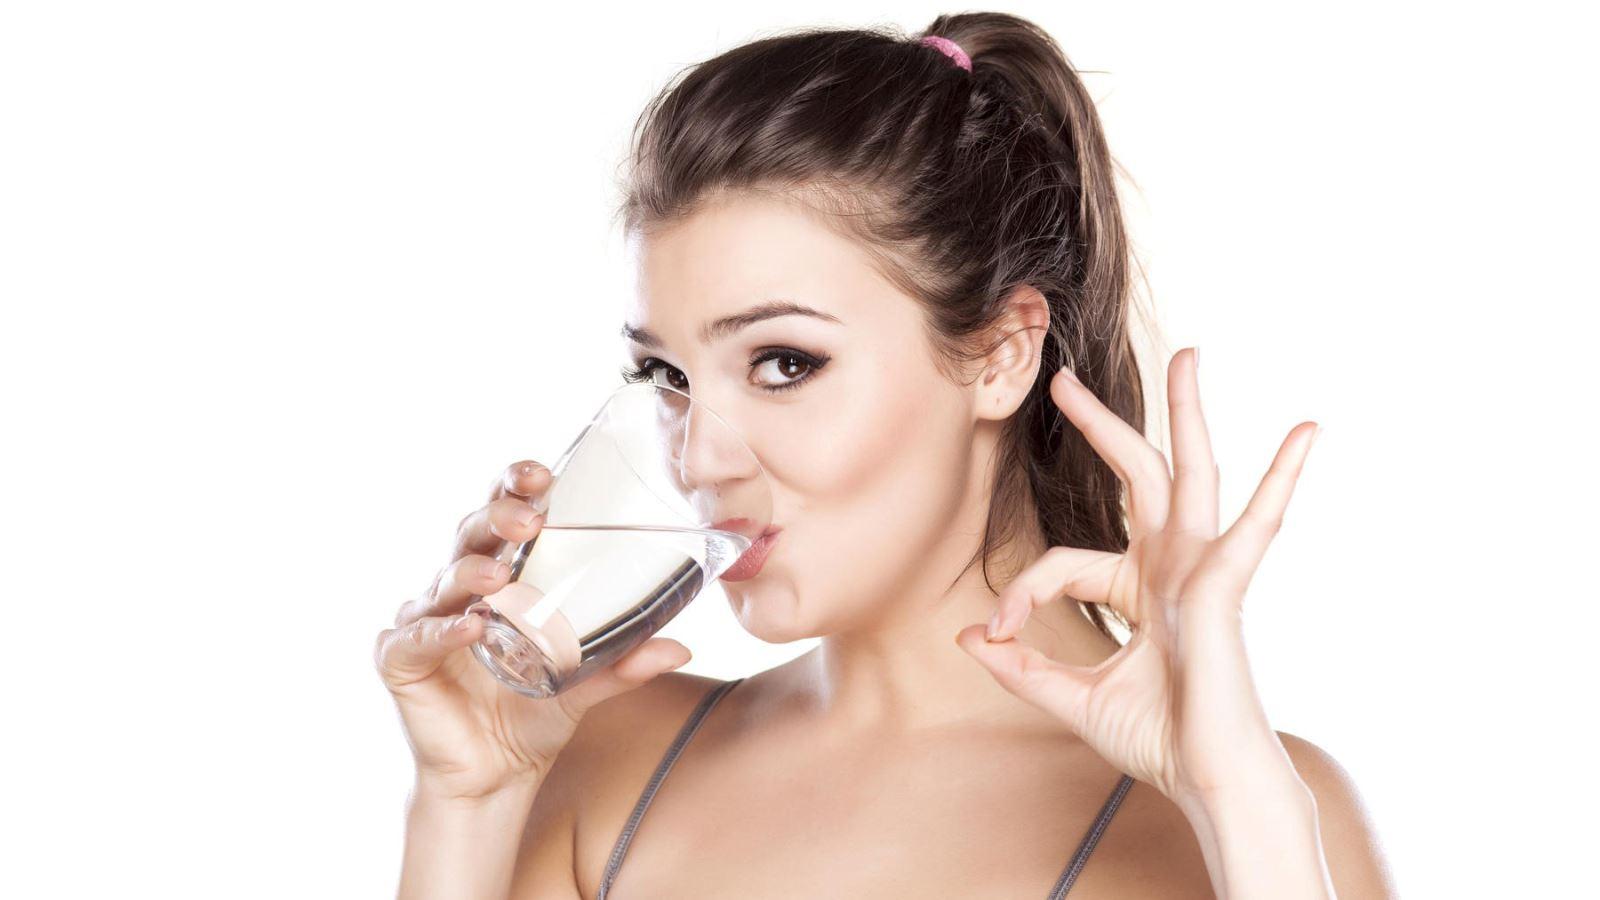 Không uống đủ nước mỗi ngày khiến da bị khô, thiếu độ đàn hồi